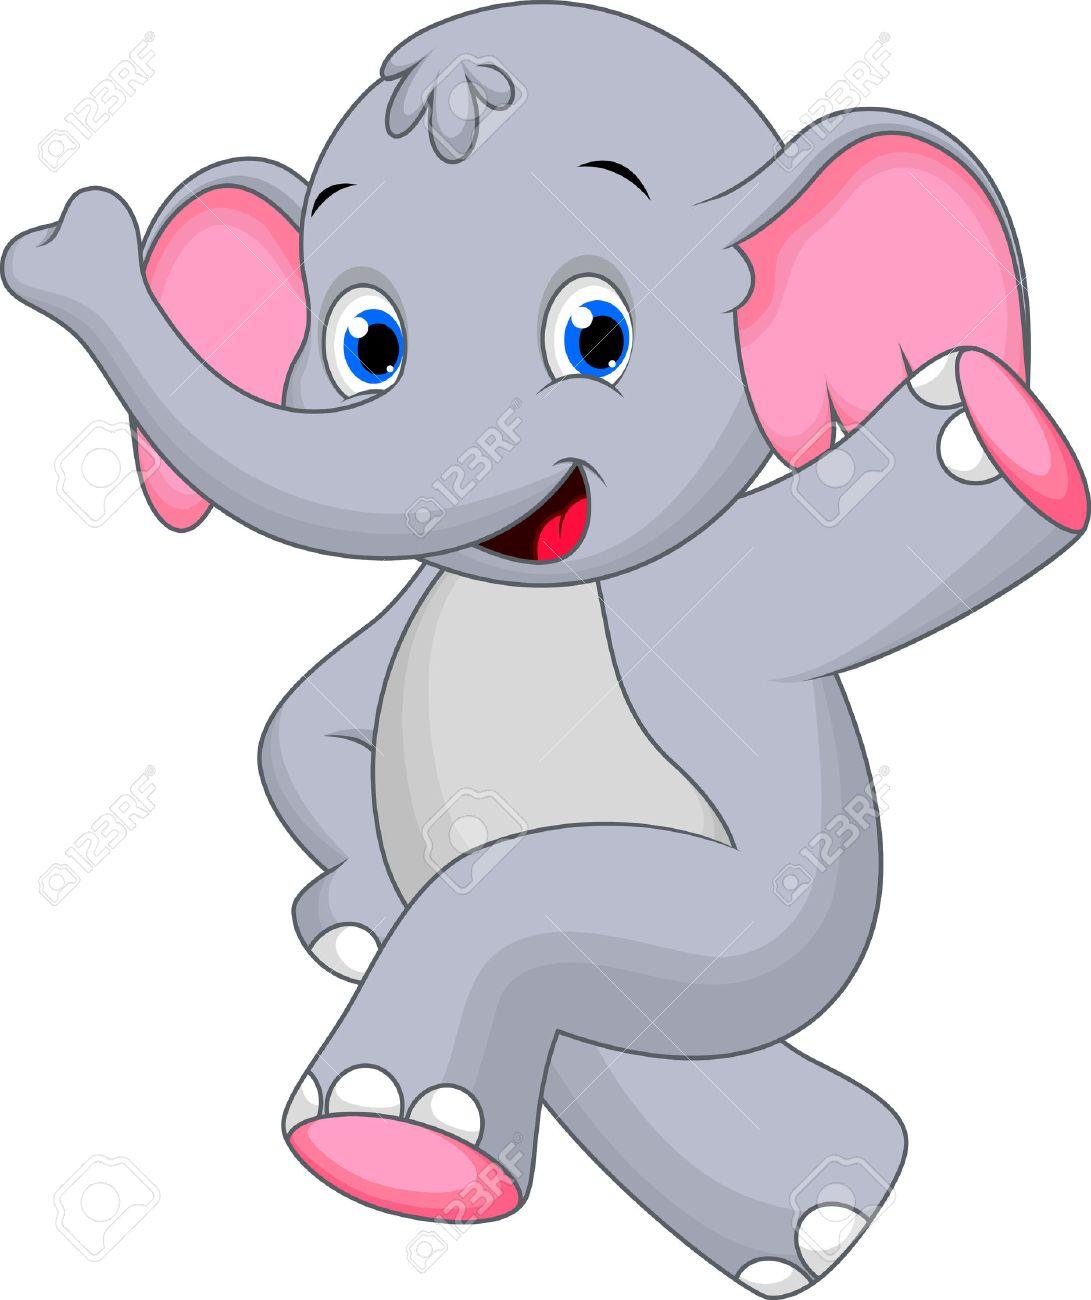 happy elephant cartoon royalty free cliparts vectors and stock